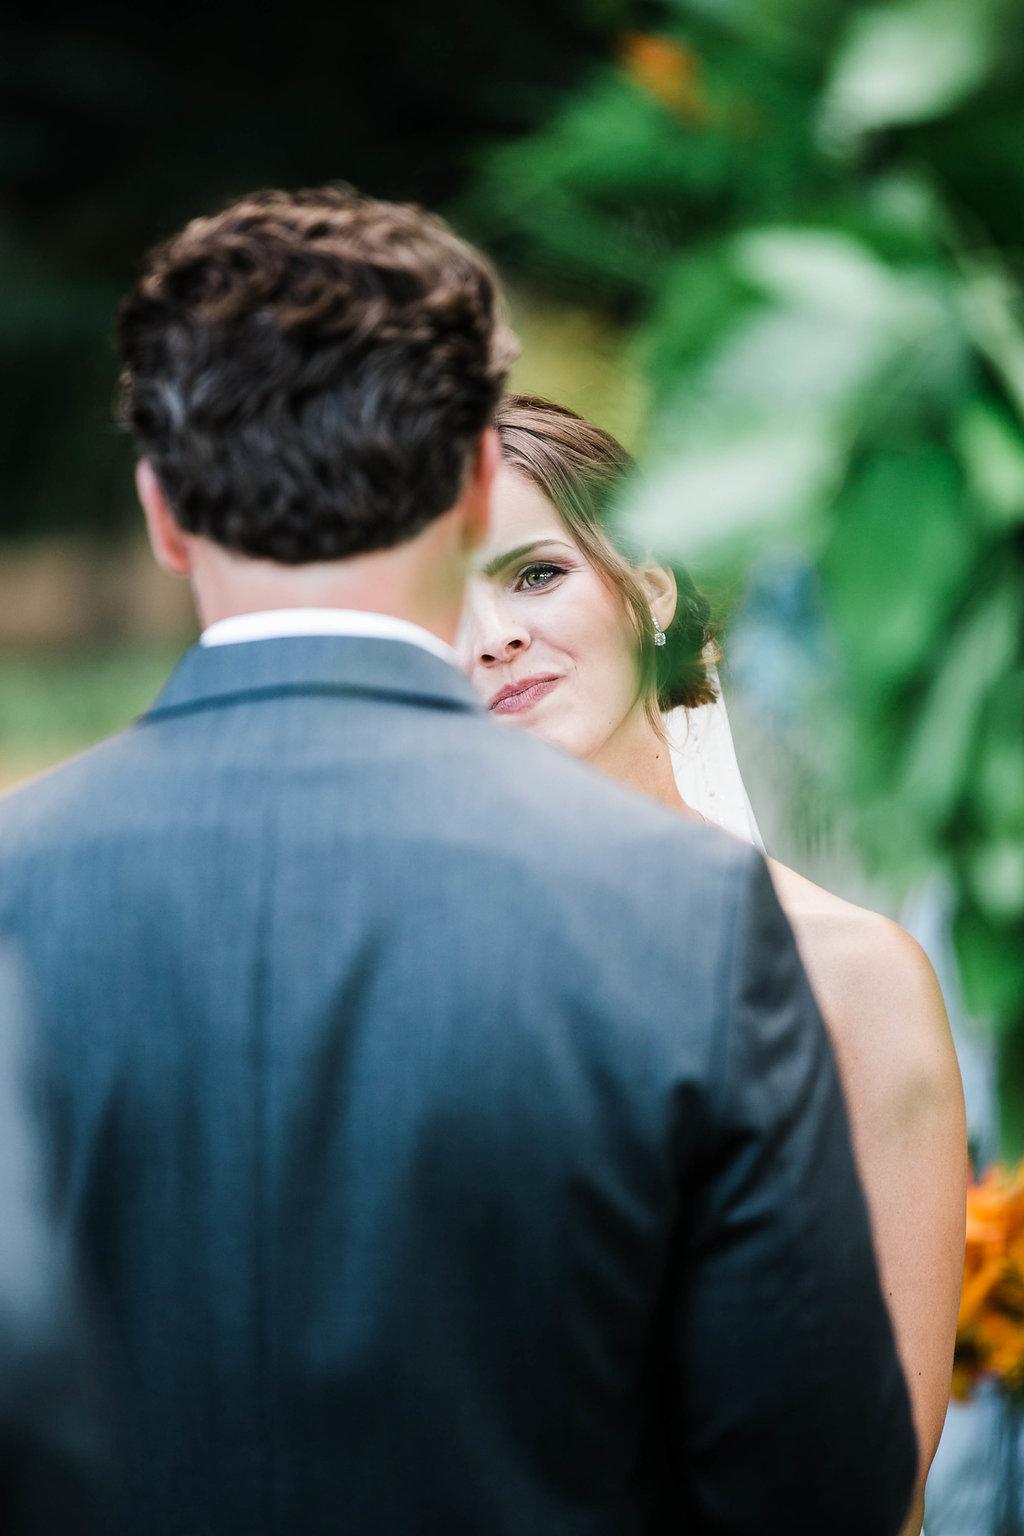 Erin+Tyson_The_Kelley_Farm_Wedding_by_Adina_Preston_Weddings_668.JPG